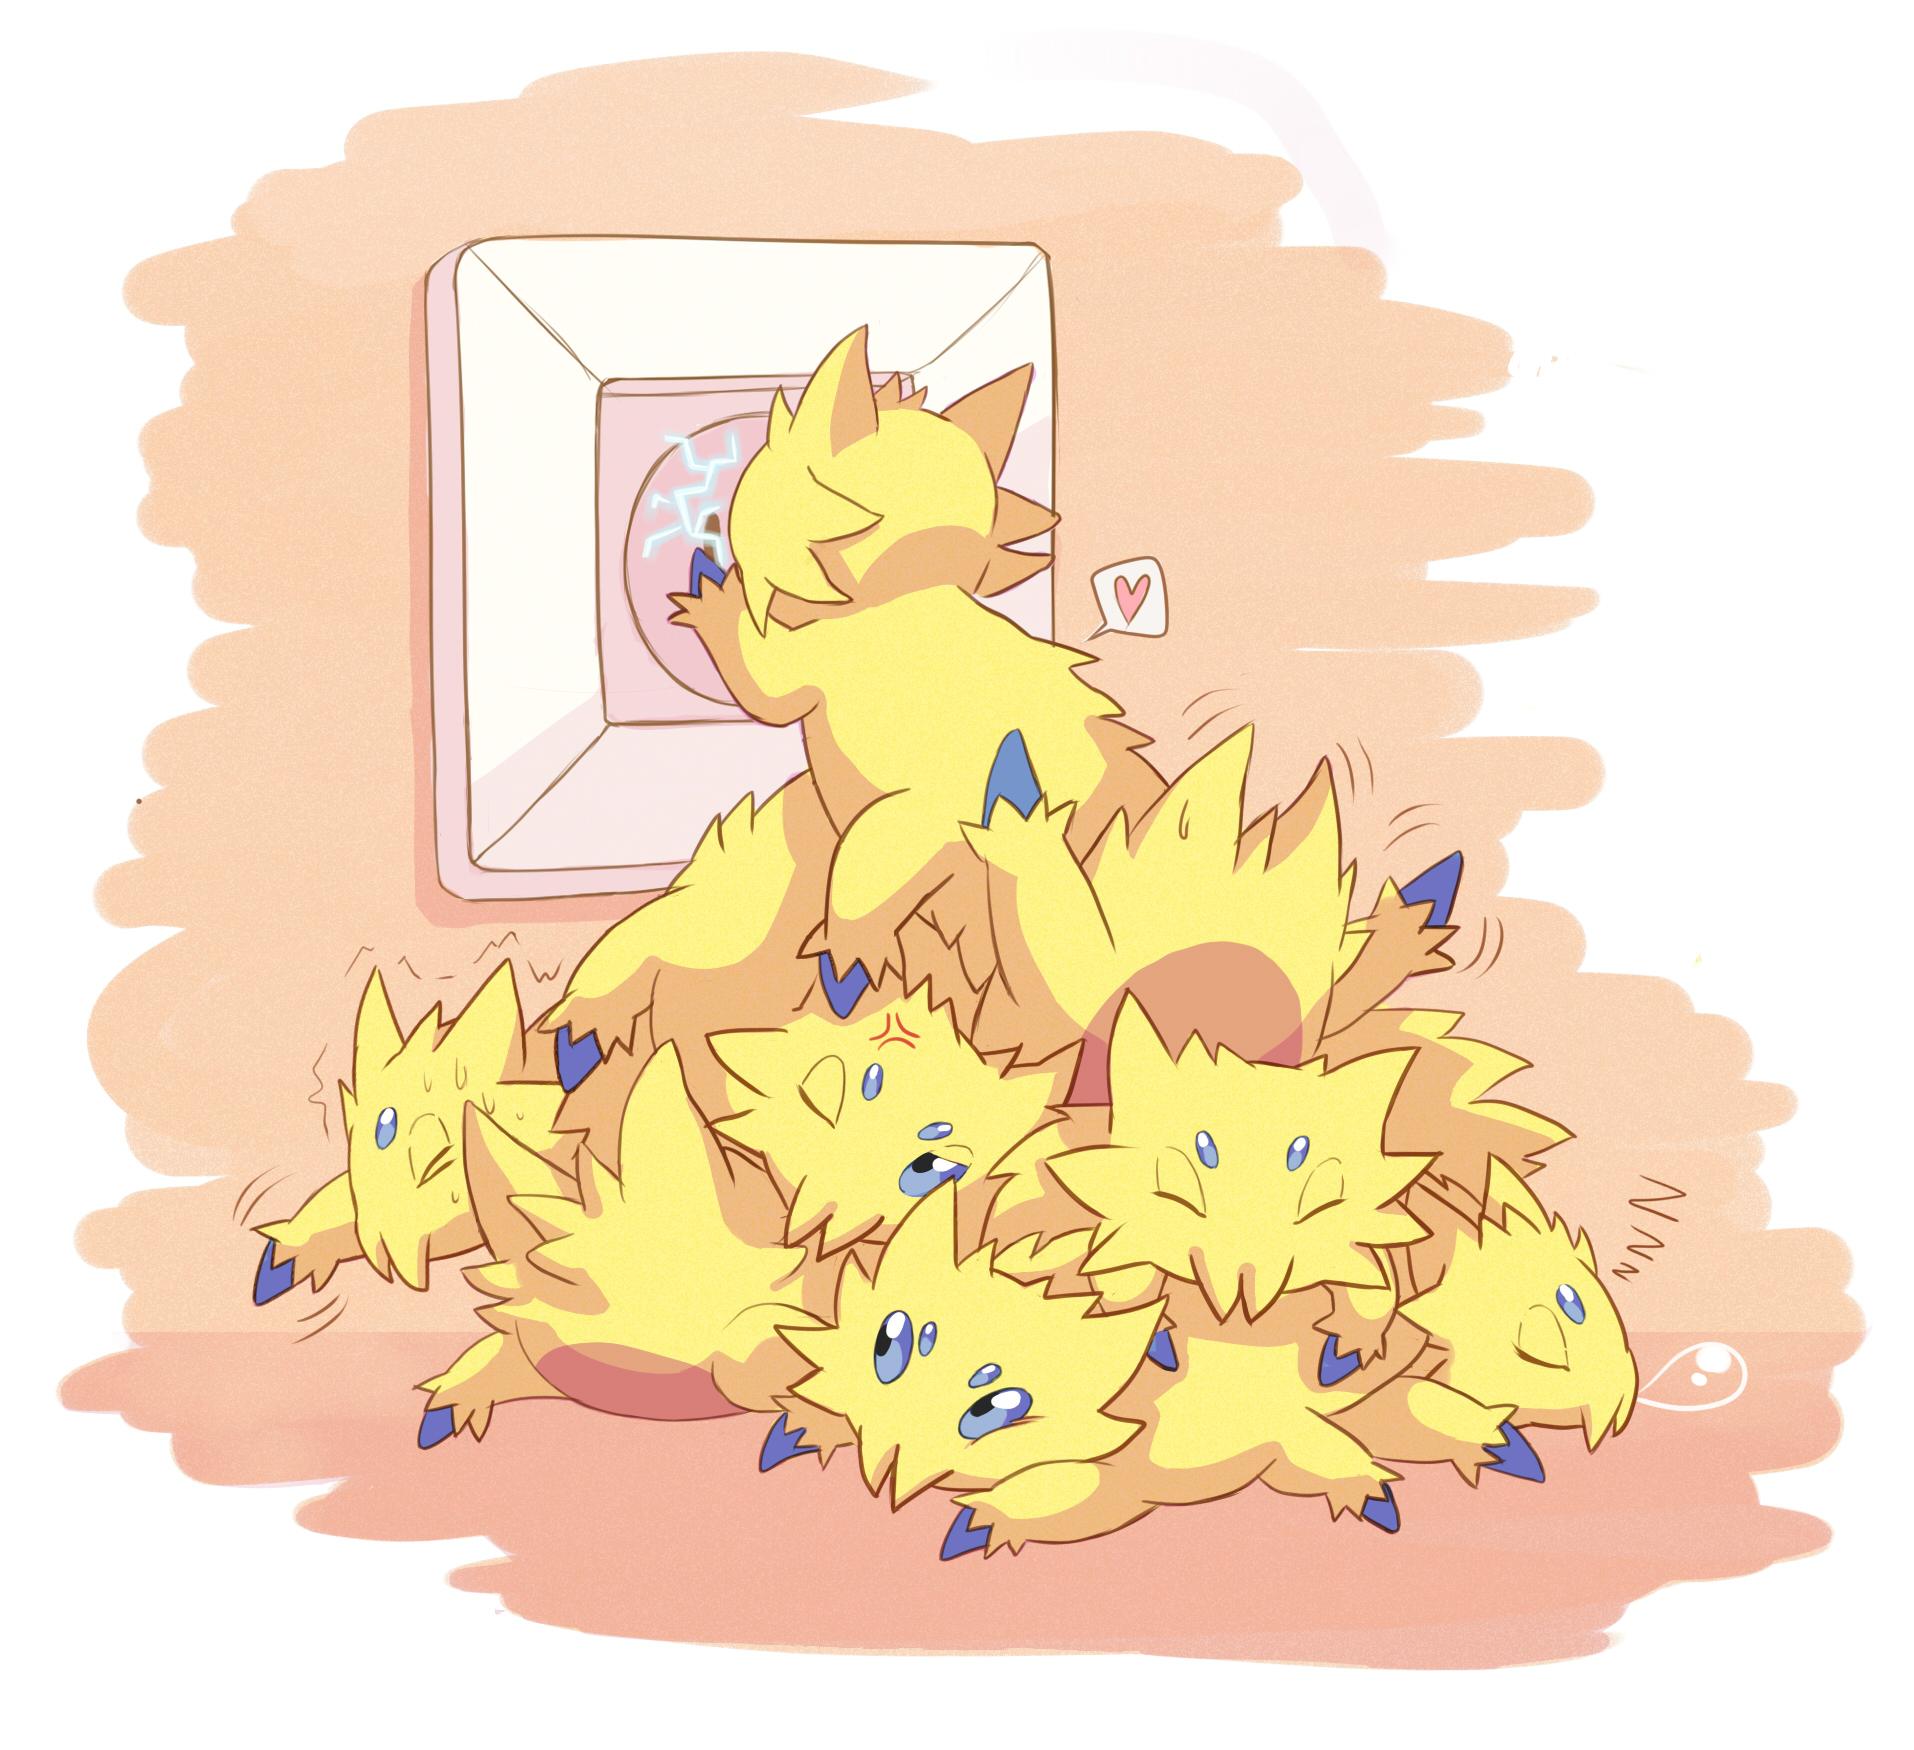 Joltik Pok 233 Mon Image 1857992 Zerochan Anime Image Board